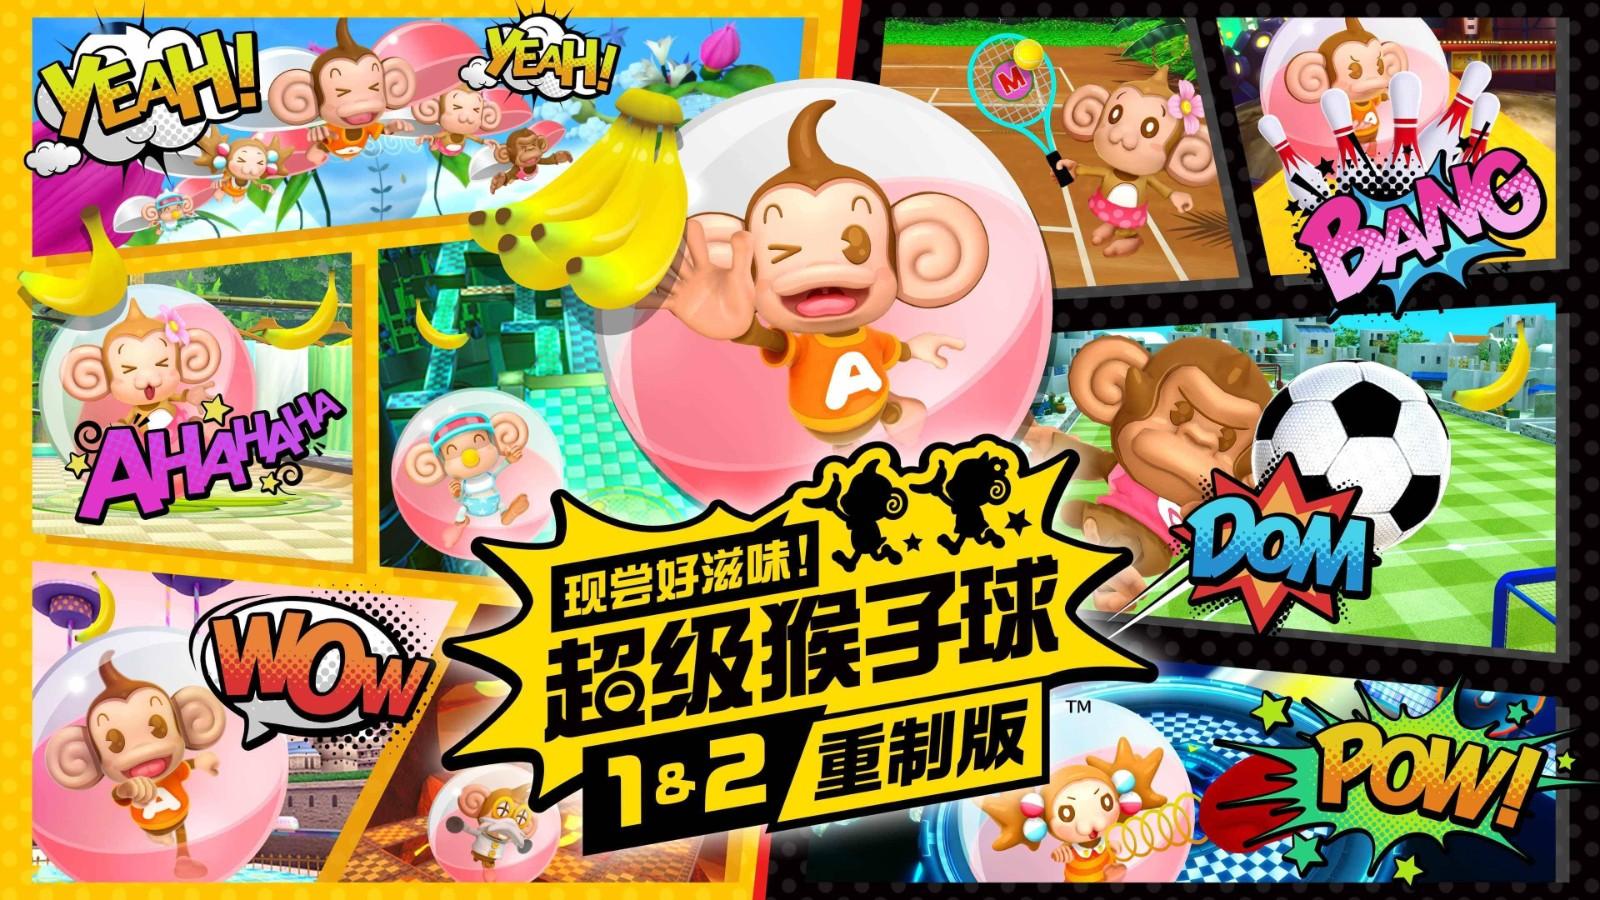 世嘉 PS4/5《现尝好滋味!超级猴子球1&2重制版》